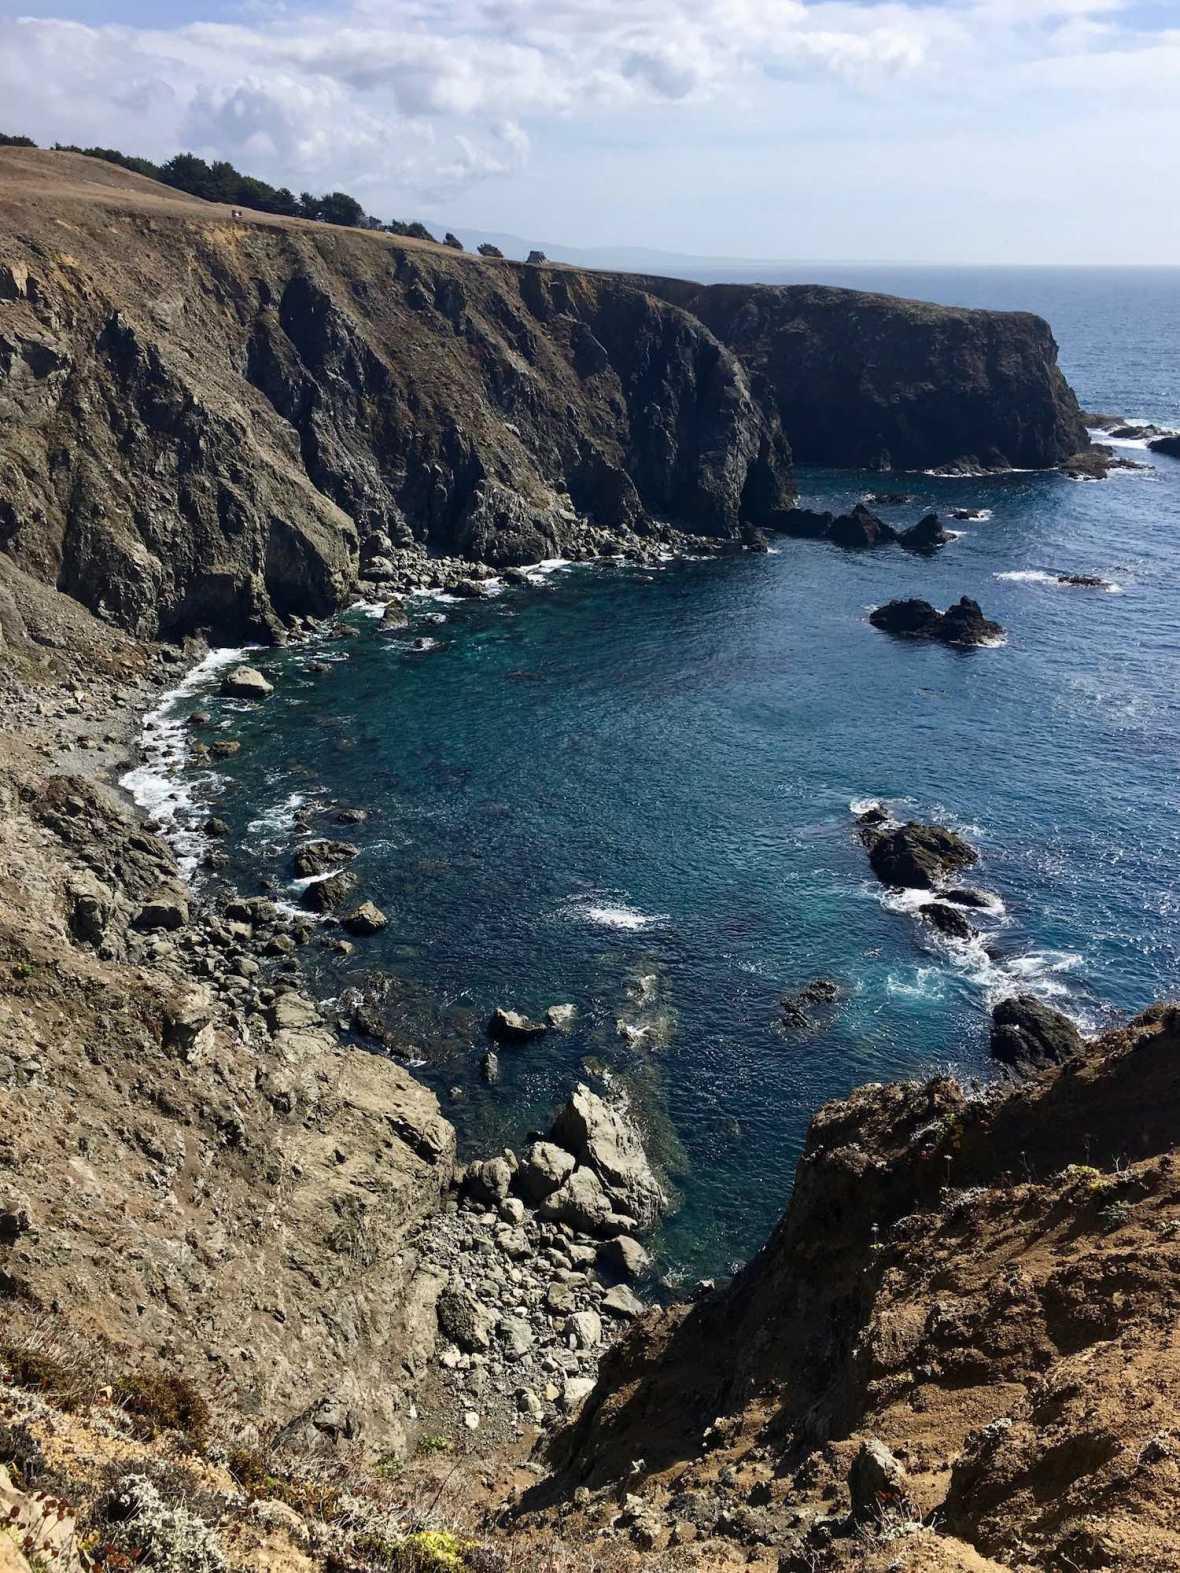 Mendocino Headlands on California's Pacific Coast